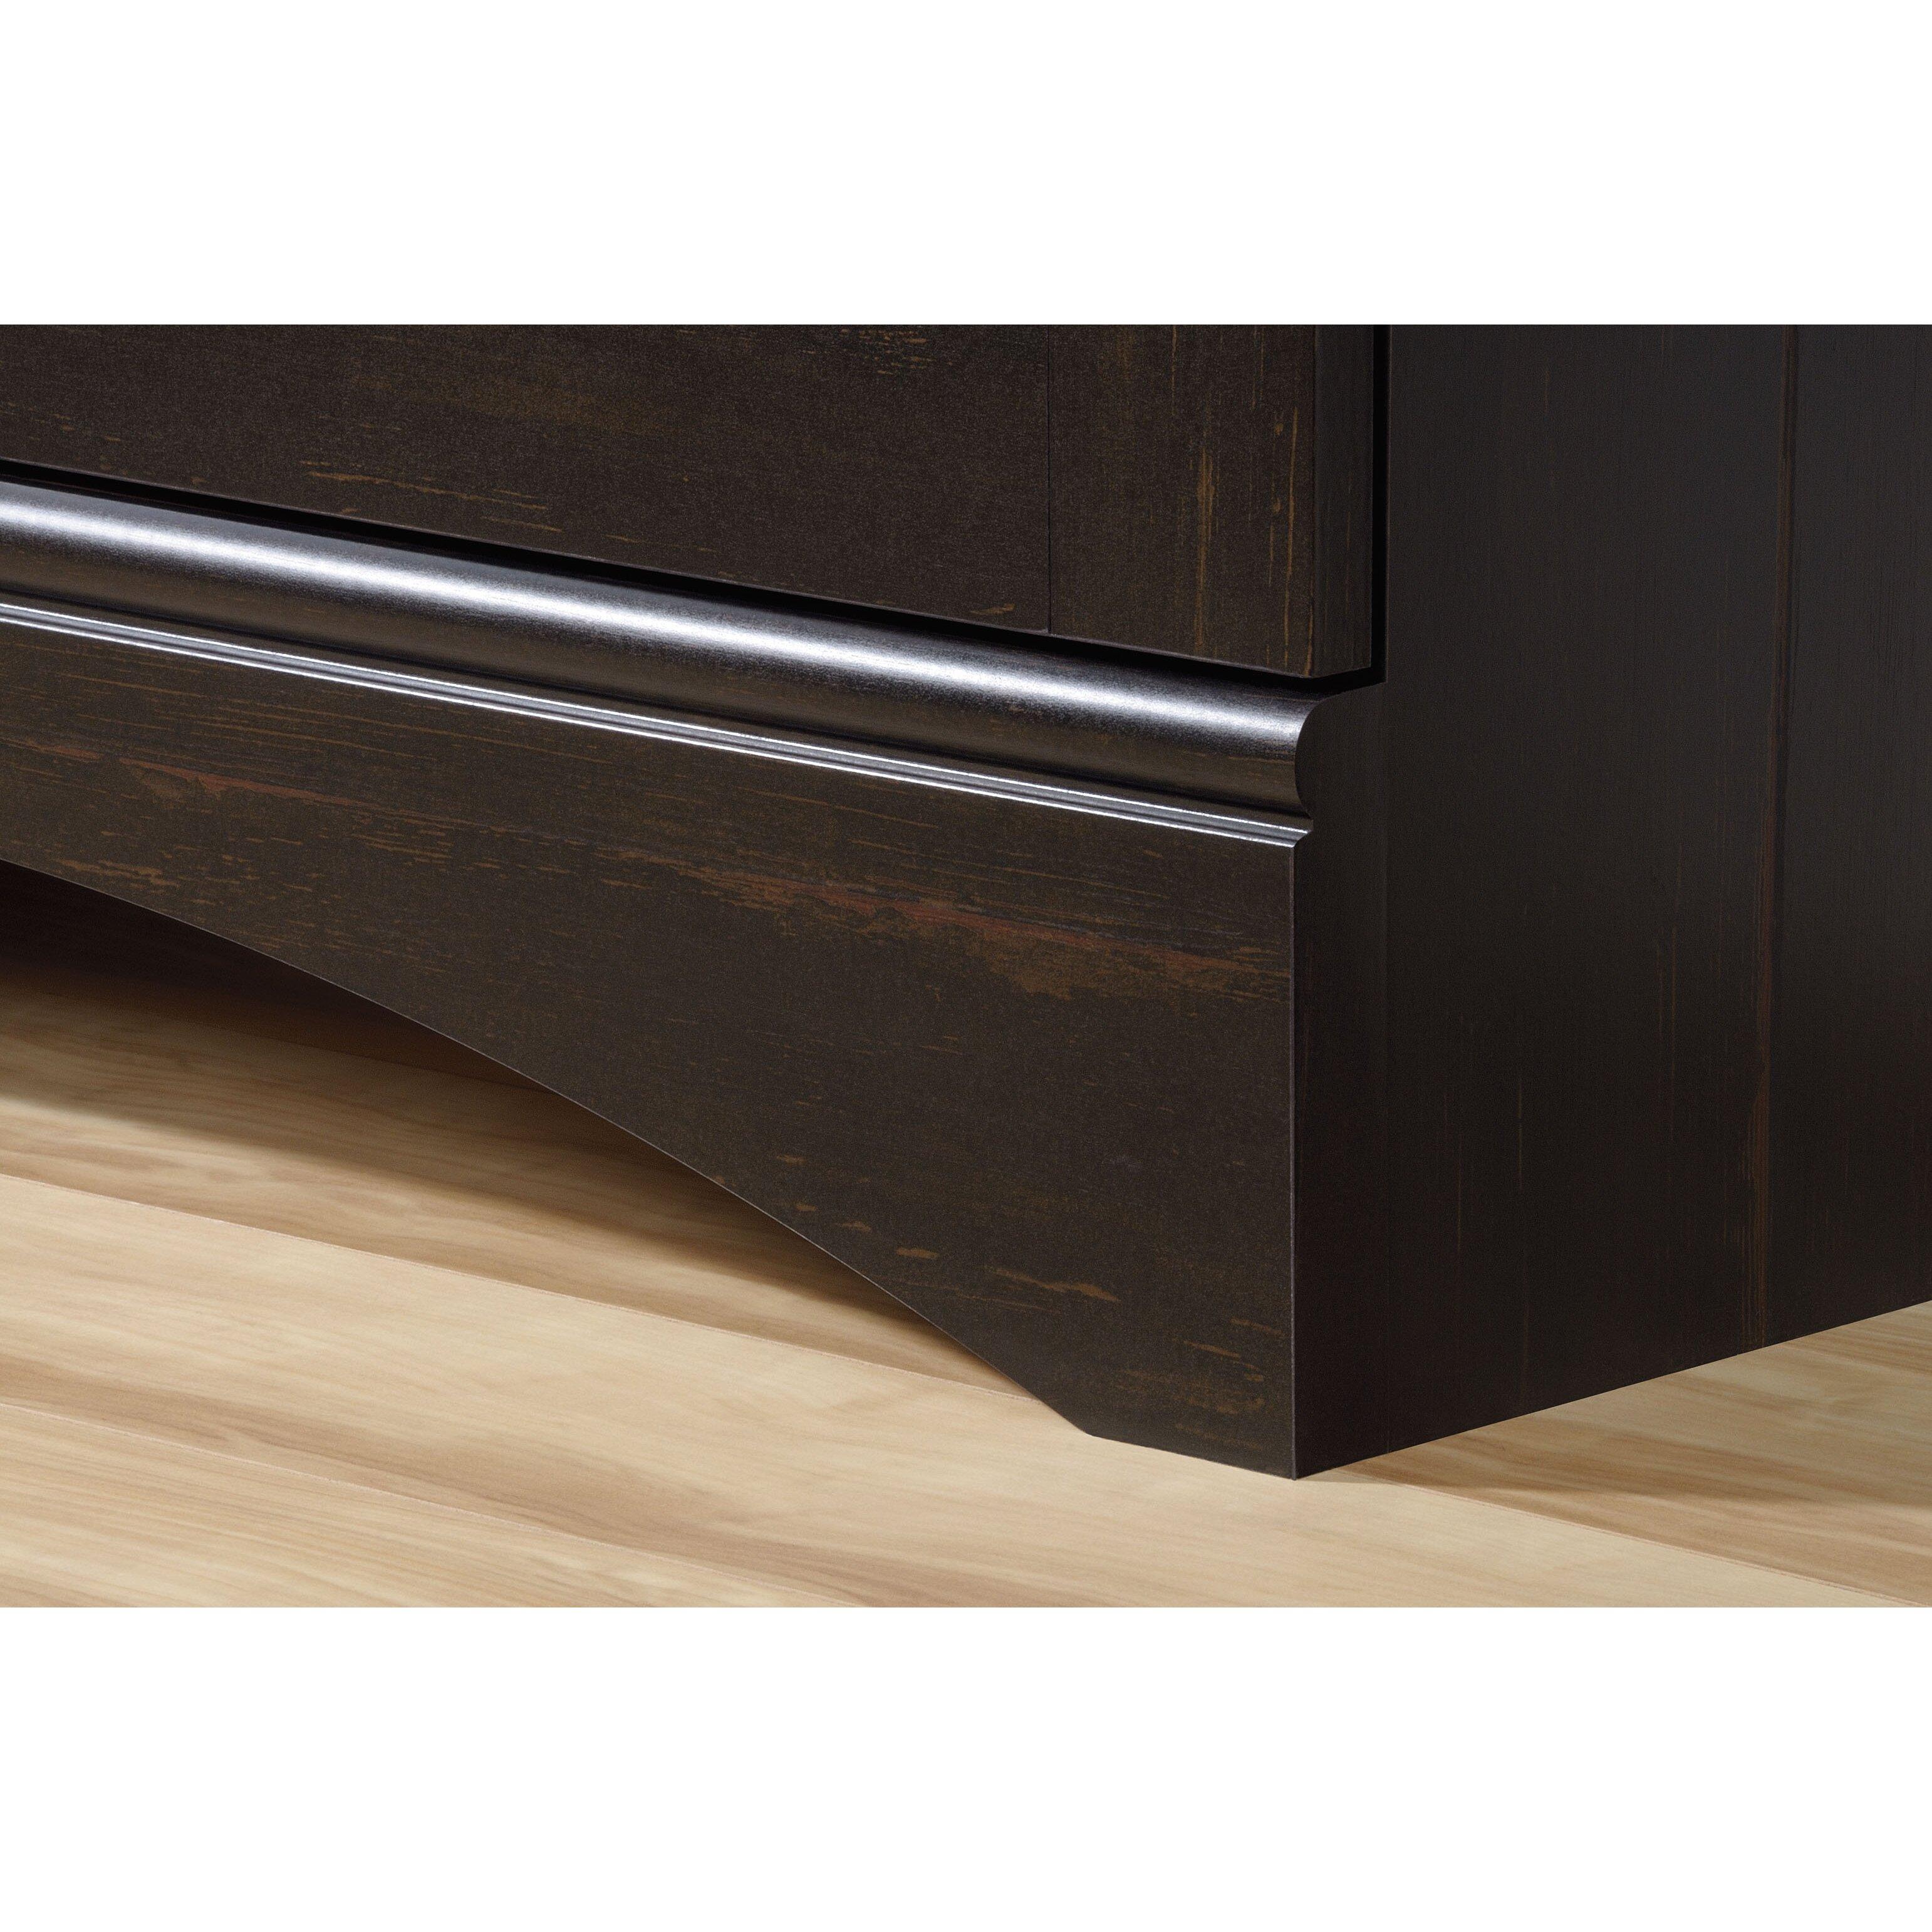 Floor Storage Cabinets Pinellas 2 Door Storage Cabinet Reviews Birch Lane